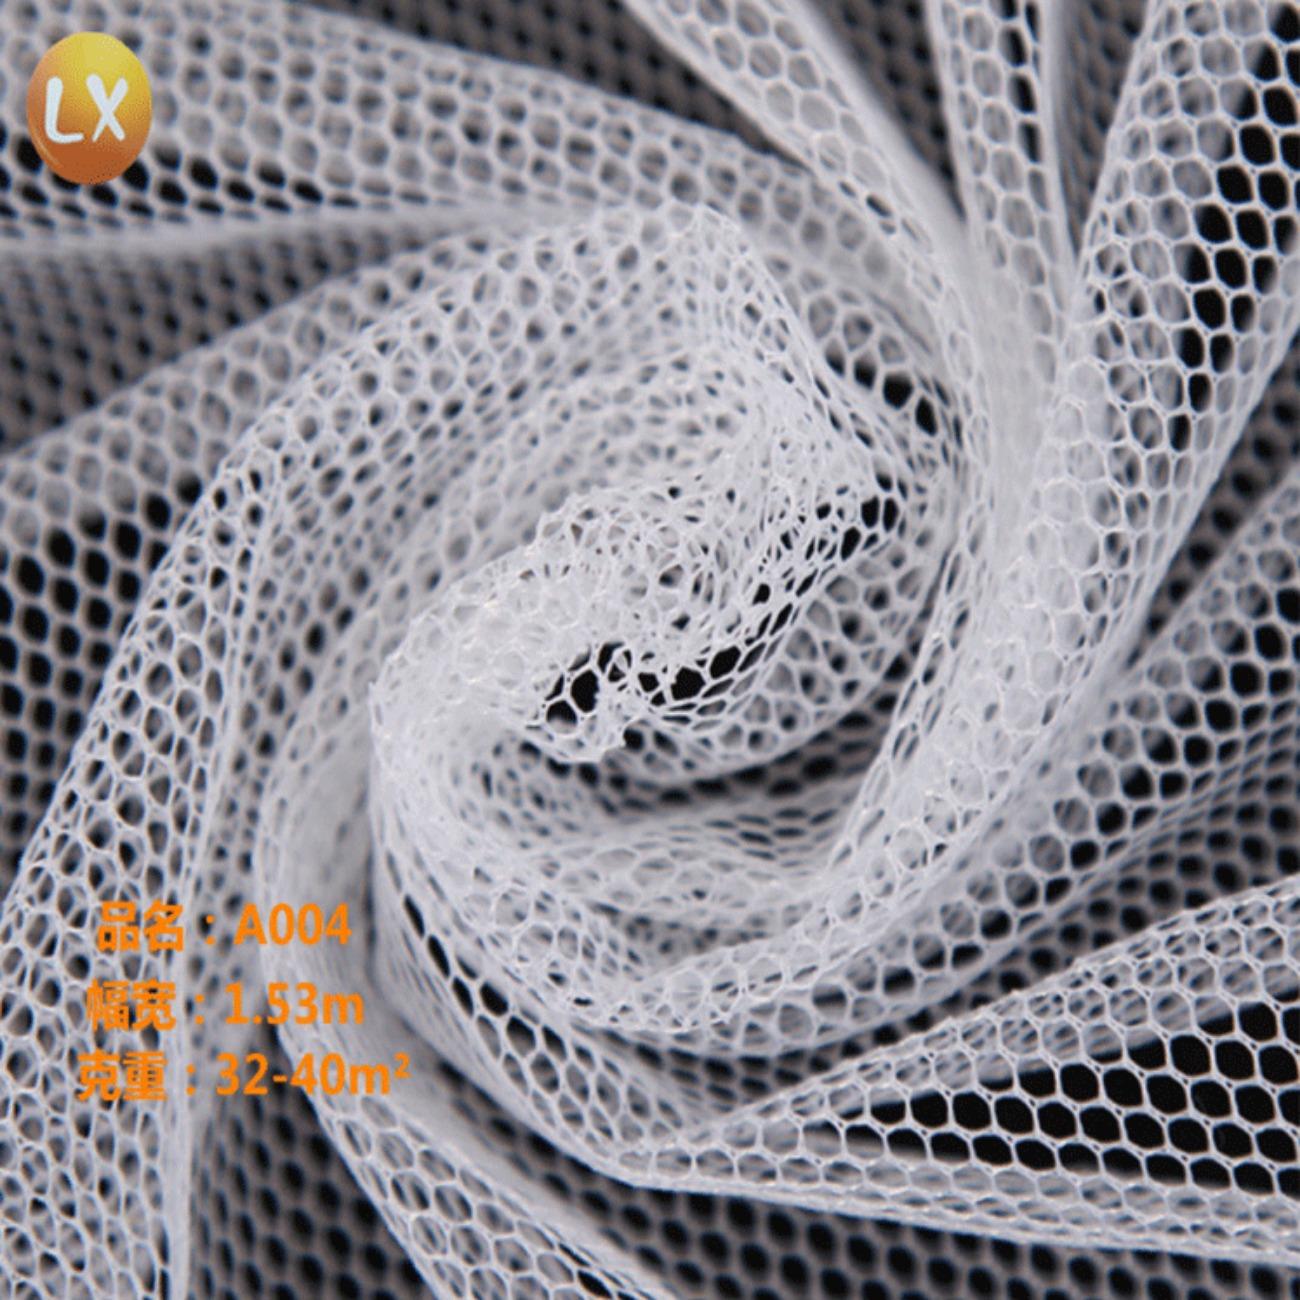 优质涤纶六角网纺箱包帽洗衣袋面料塑发泡制品材料咪西网a004